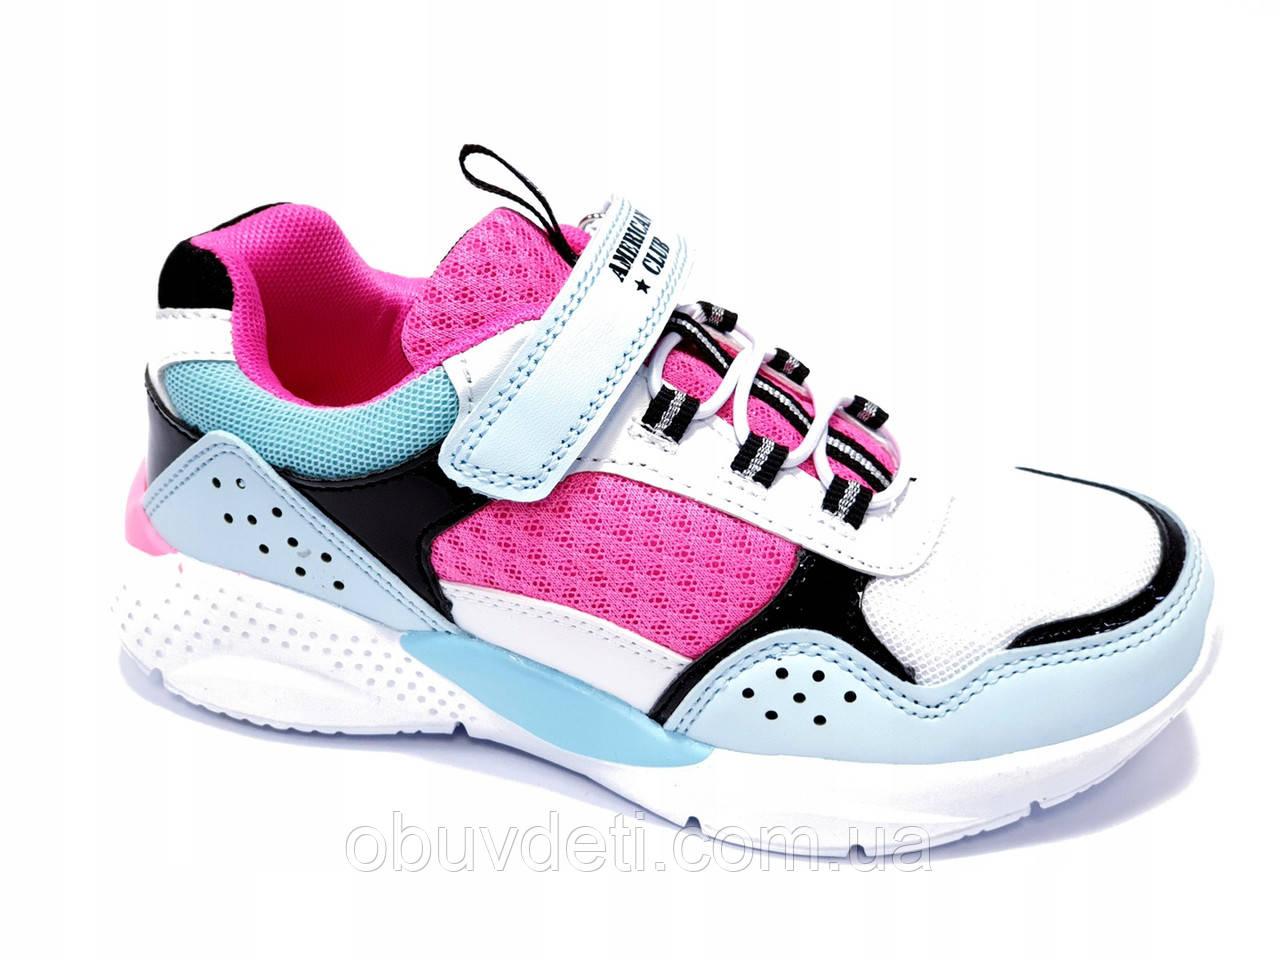 Якісні кросівки для дівчинки american club 35 розмір - 22,5 см